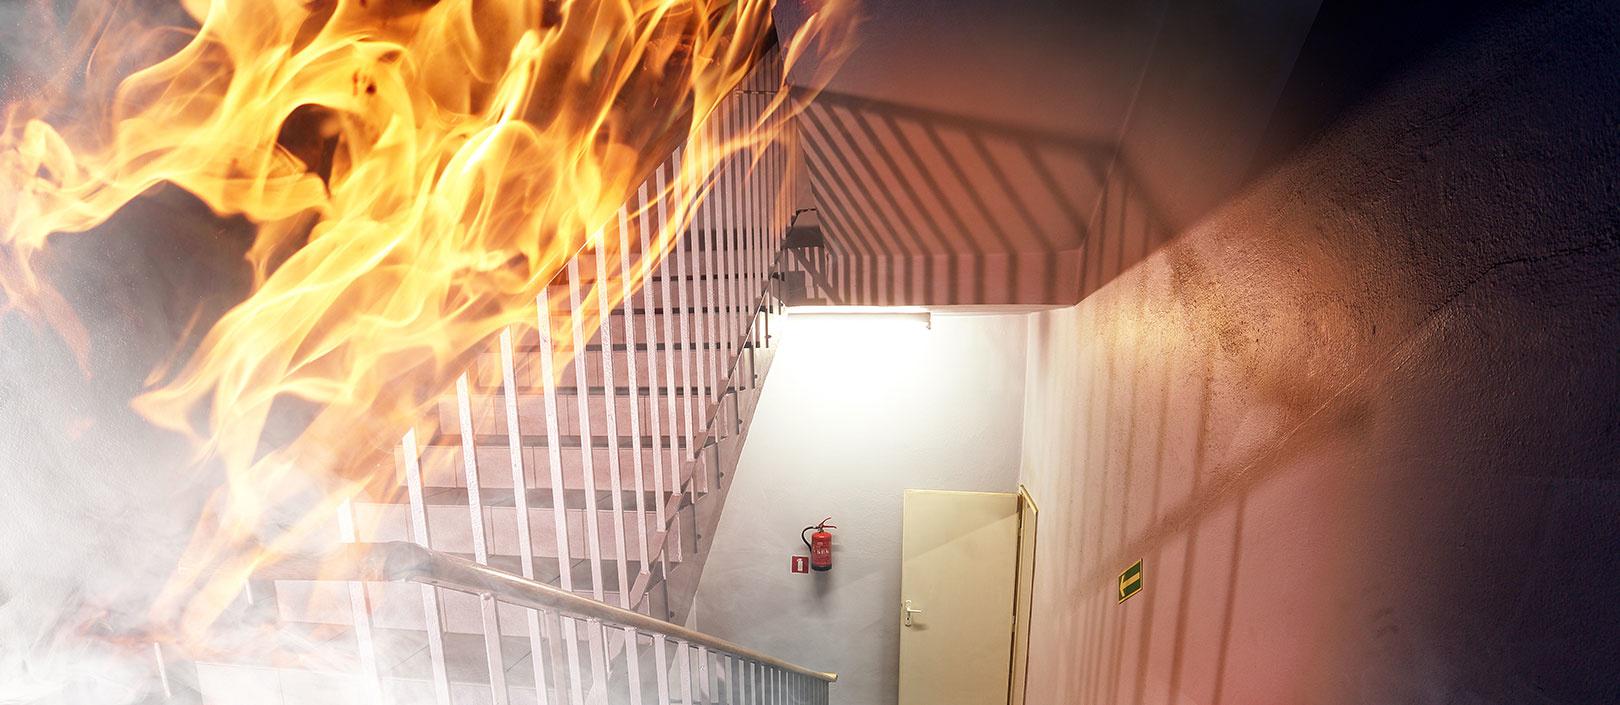 Женщину с малышом спасли из горящего дома в Алматы